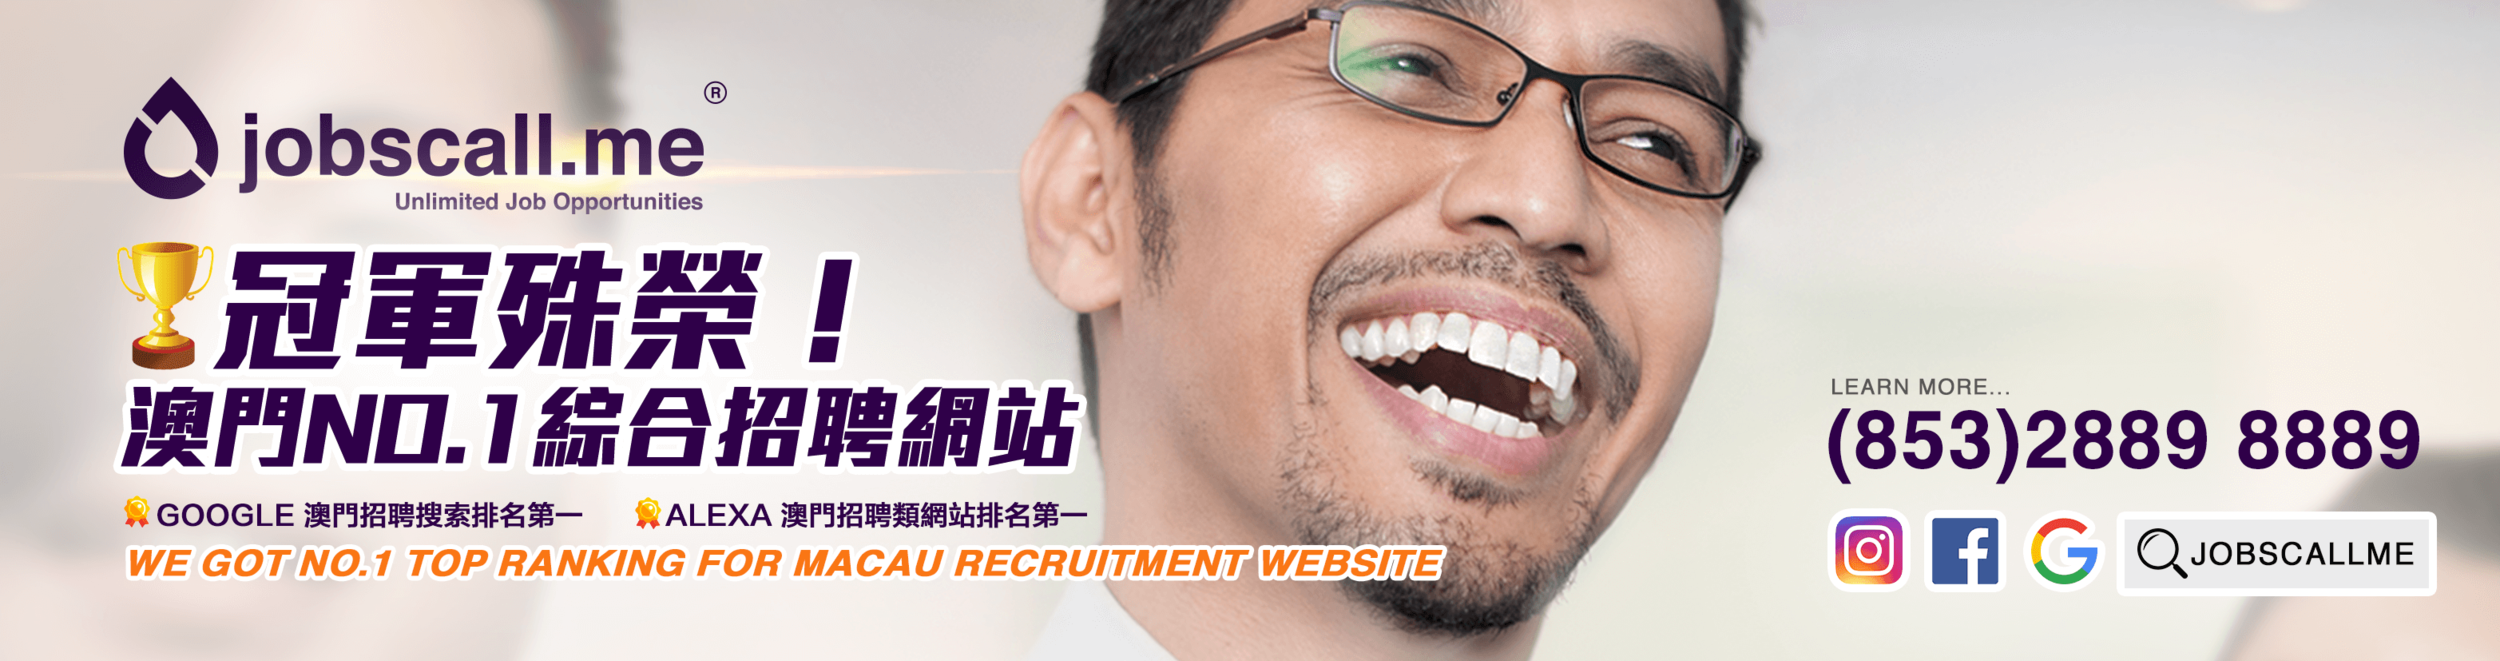 Macau business award - jobscallme banner.png